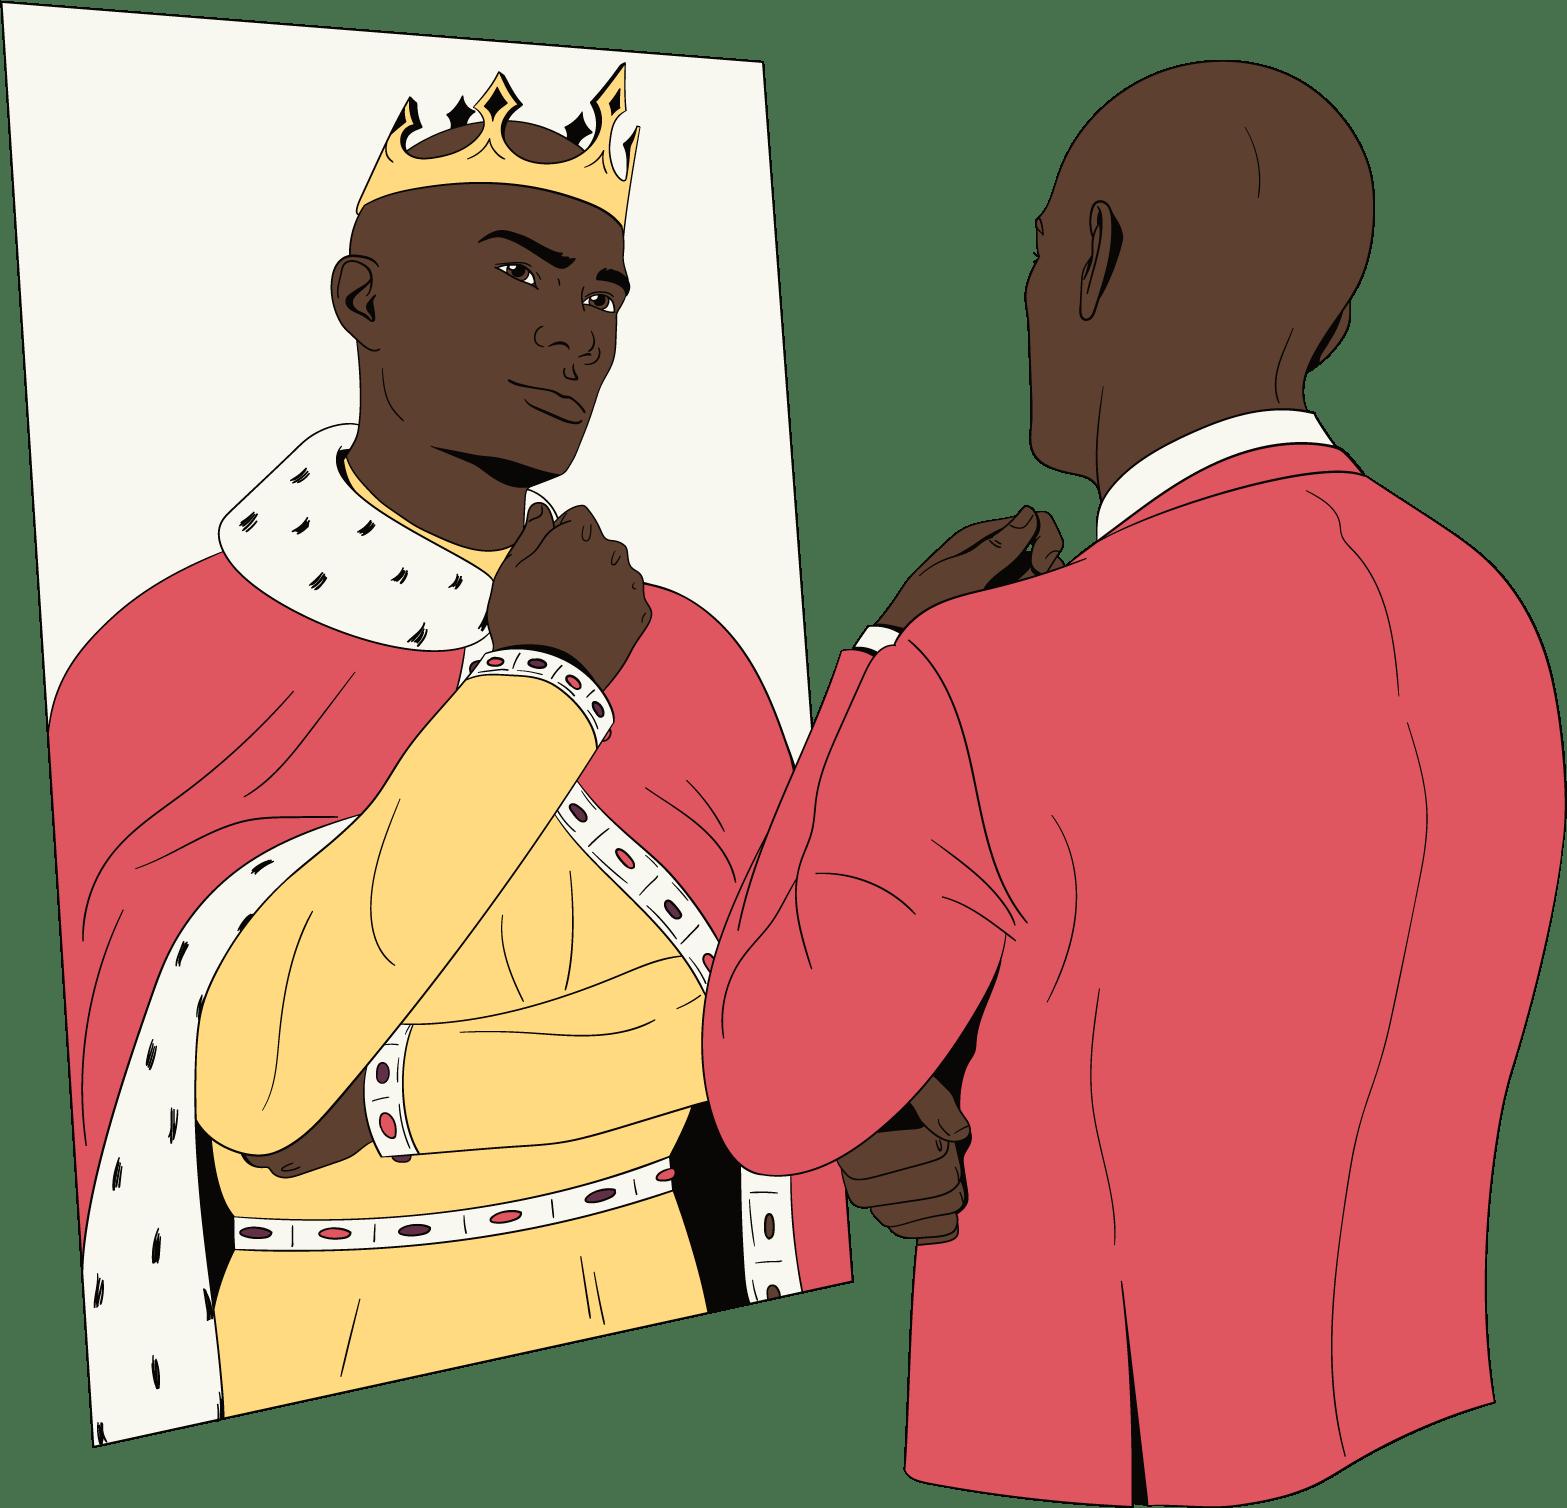 Un homme se regarde dans le miroir et pense qu'il est merveilleux.